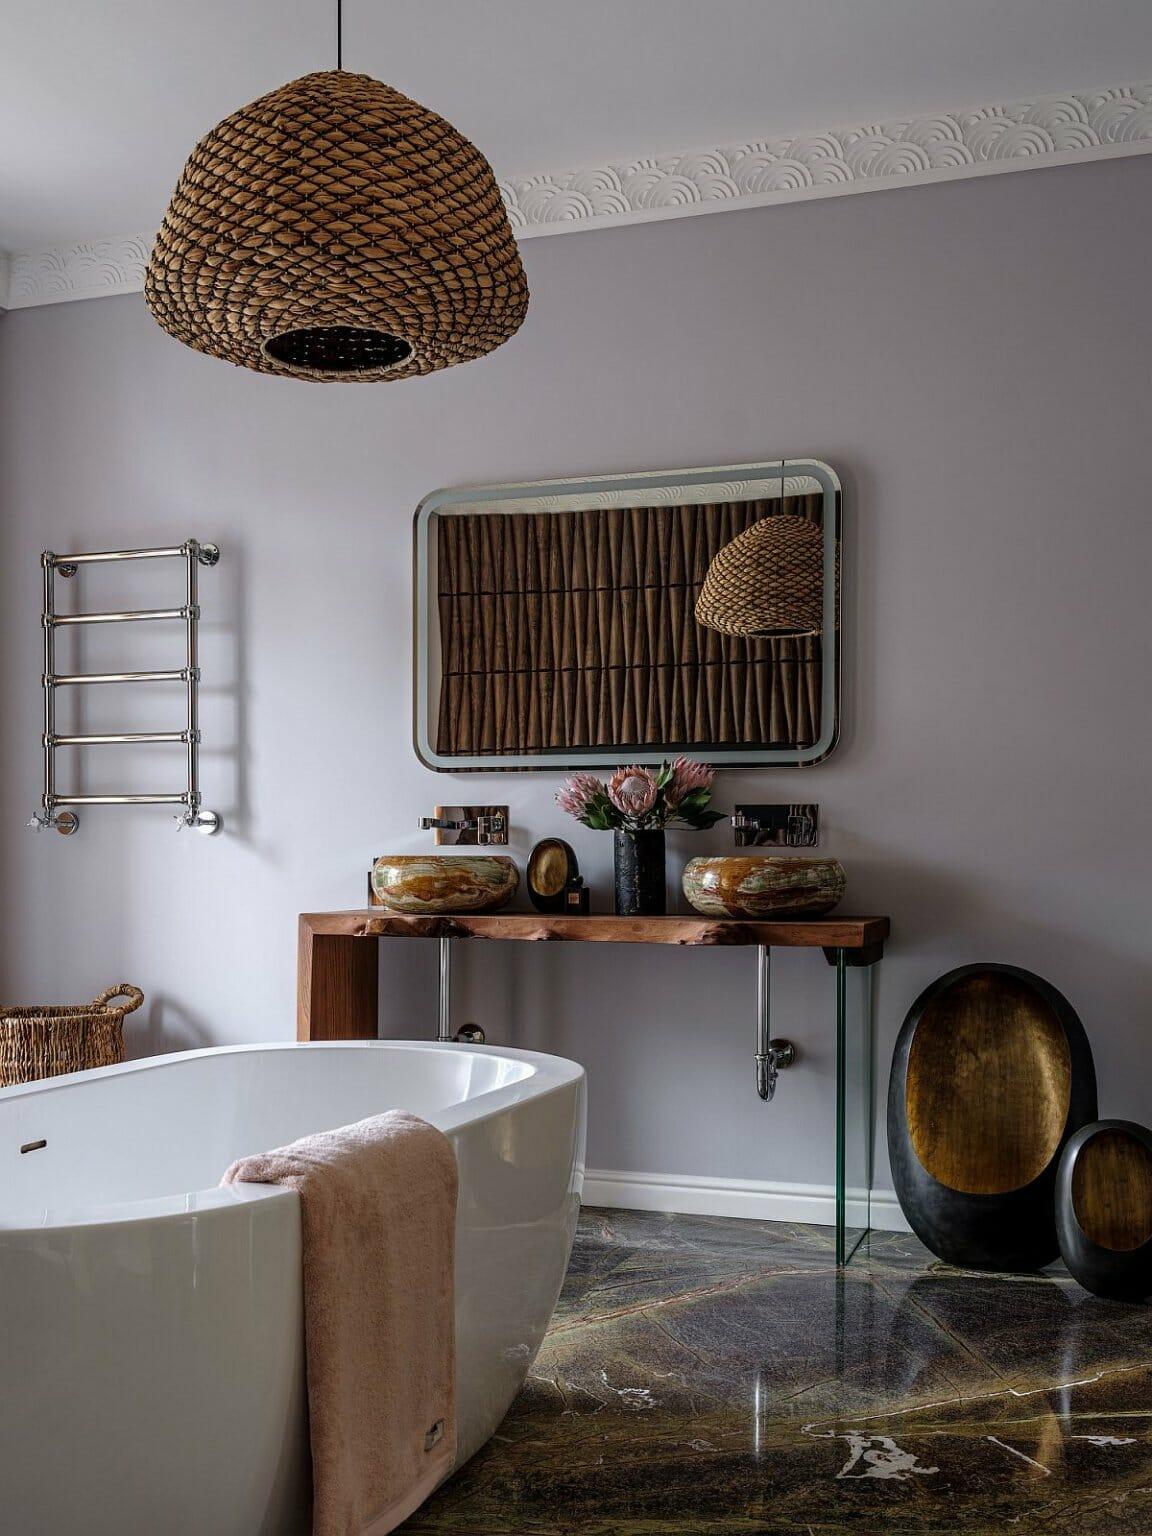 hình ảnh bên trong phòng tắm phong cách chiết trung hiện đại với chụp đèn thả làm từ vật liệu tự nhiên, điểm nhấn kim loại sáng bóng.